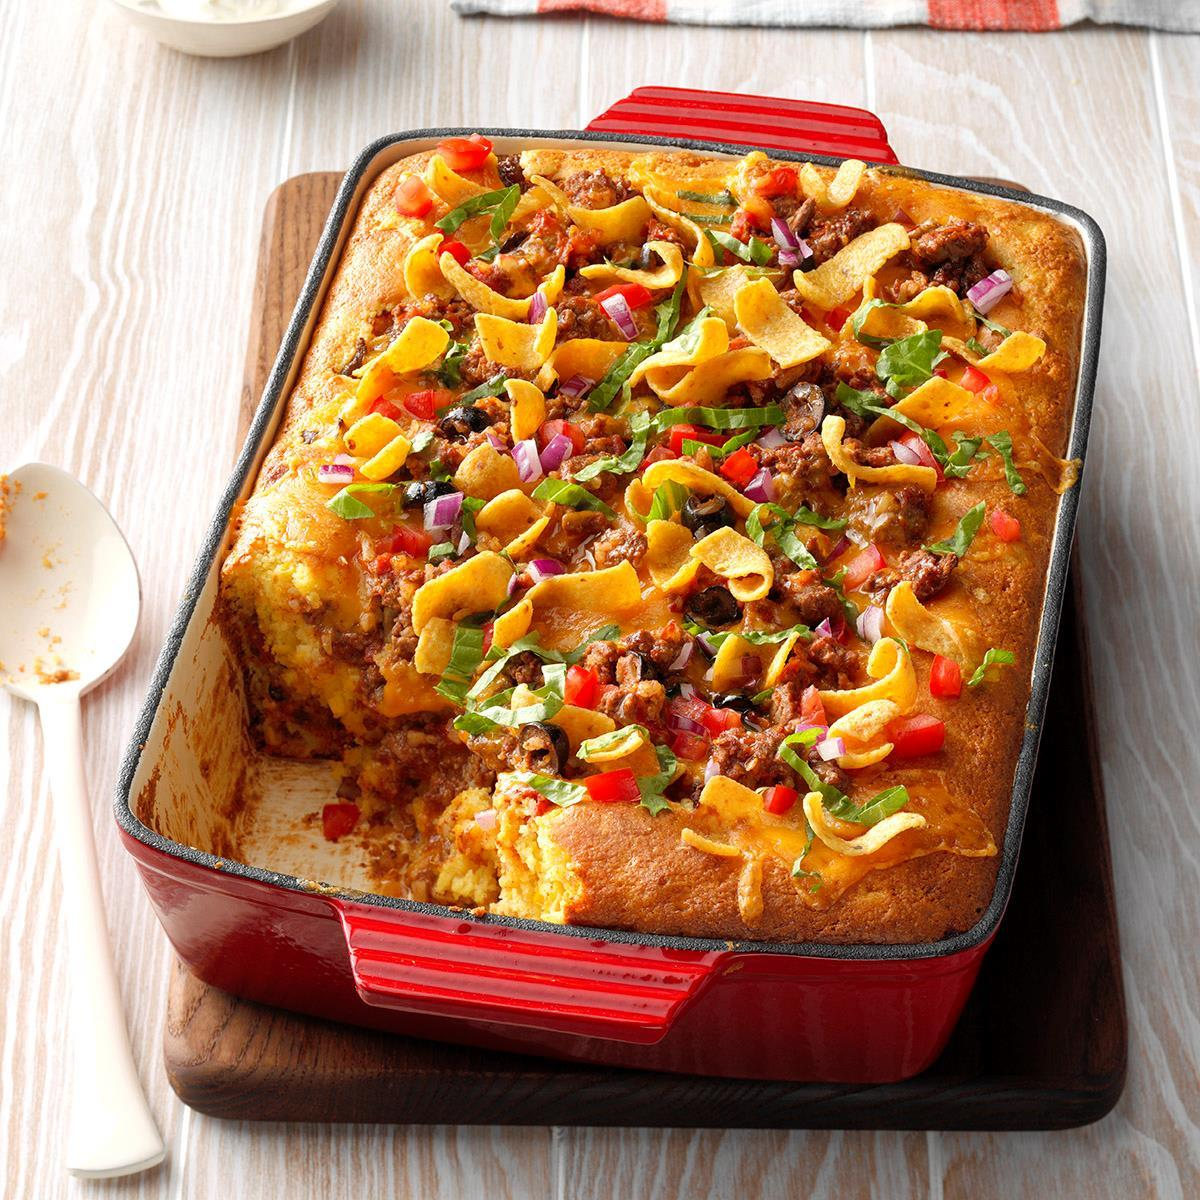 Taco Cornbread Casserole Recipe Taste Of Home,8th Anniversary Cake